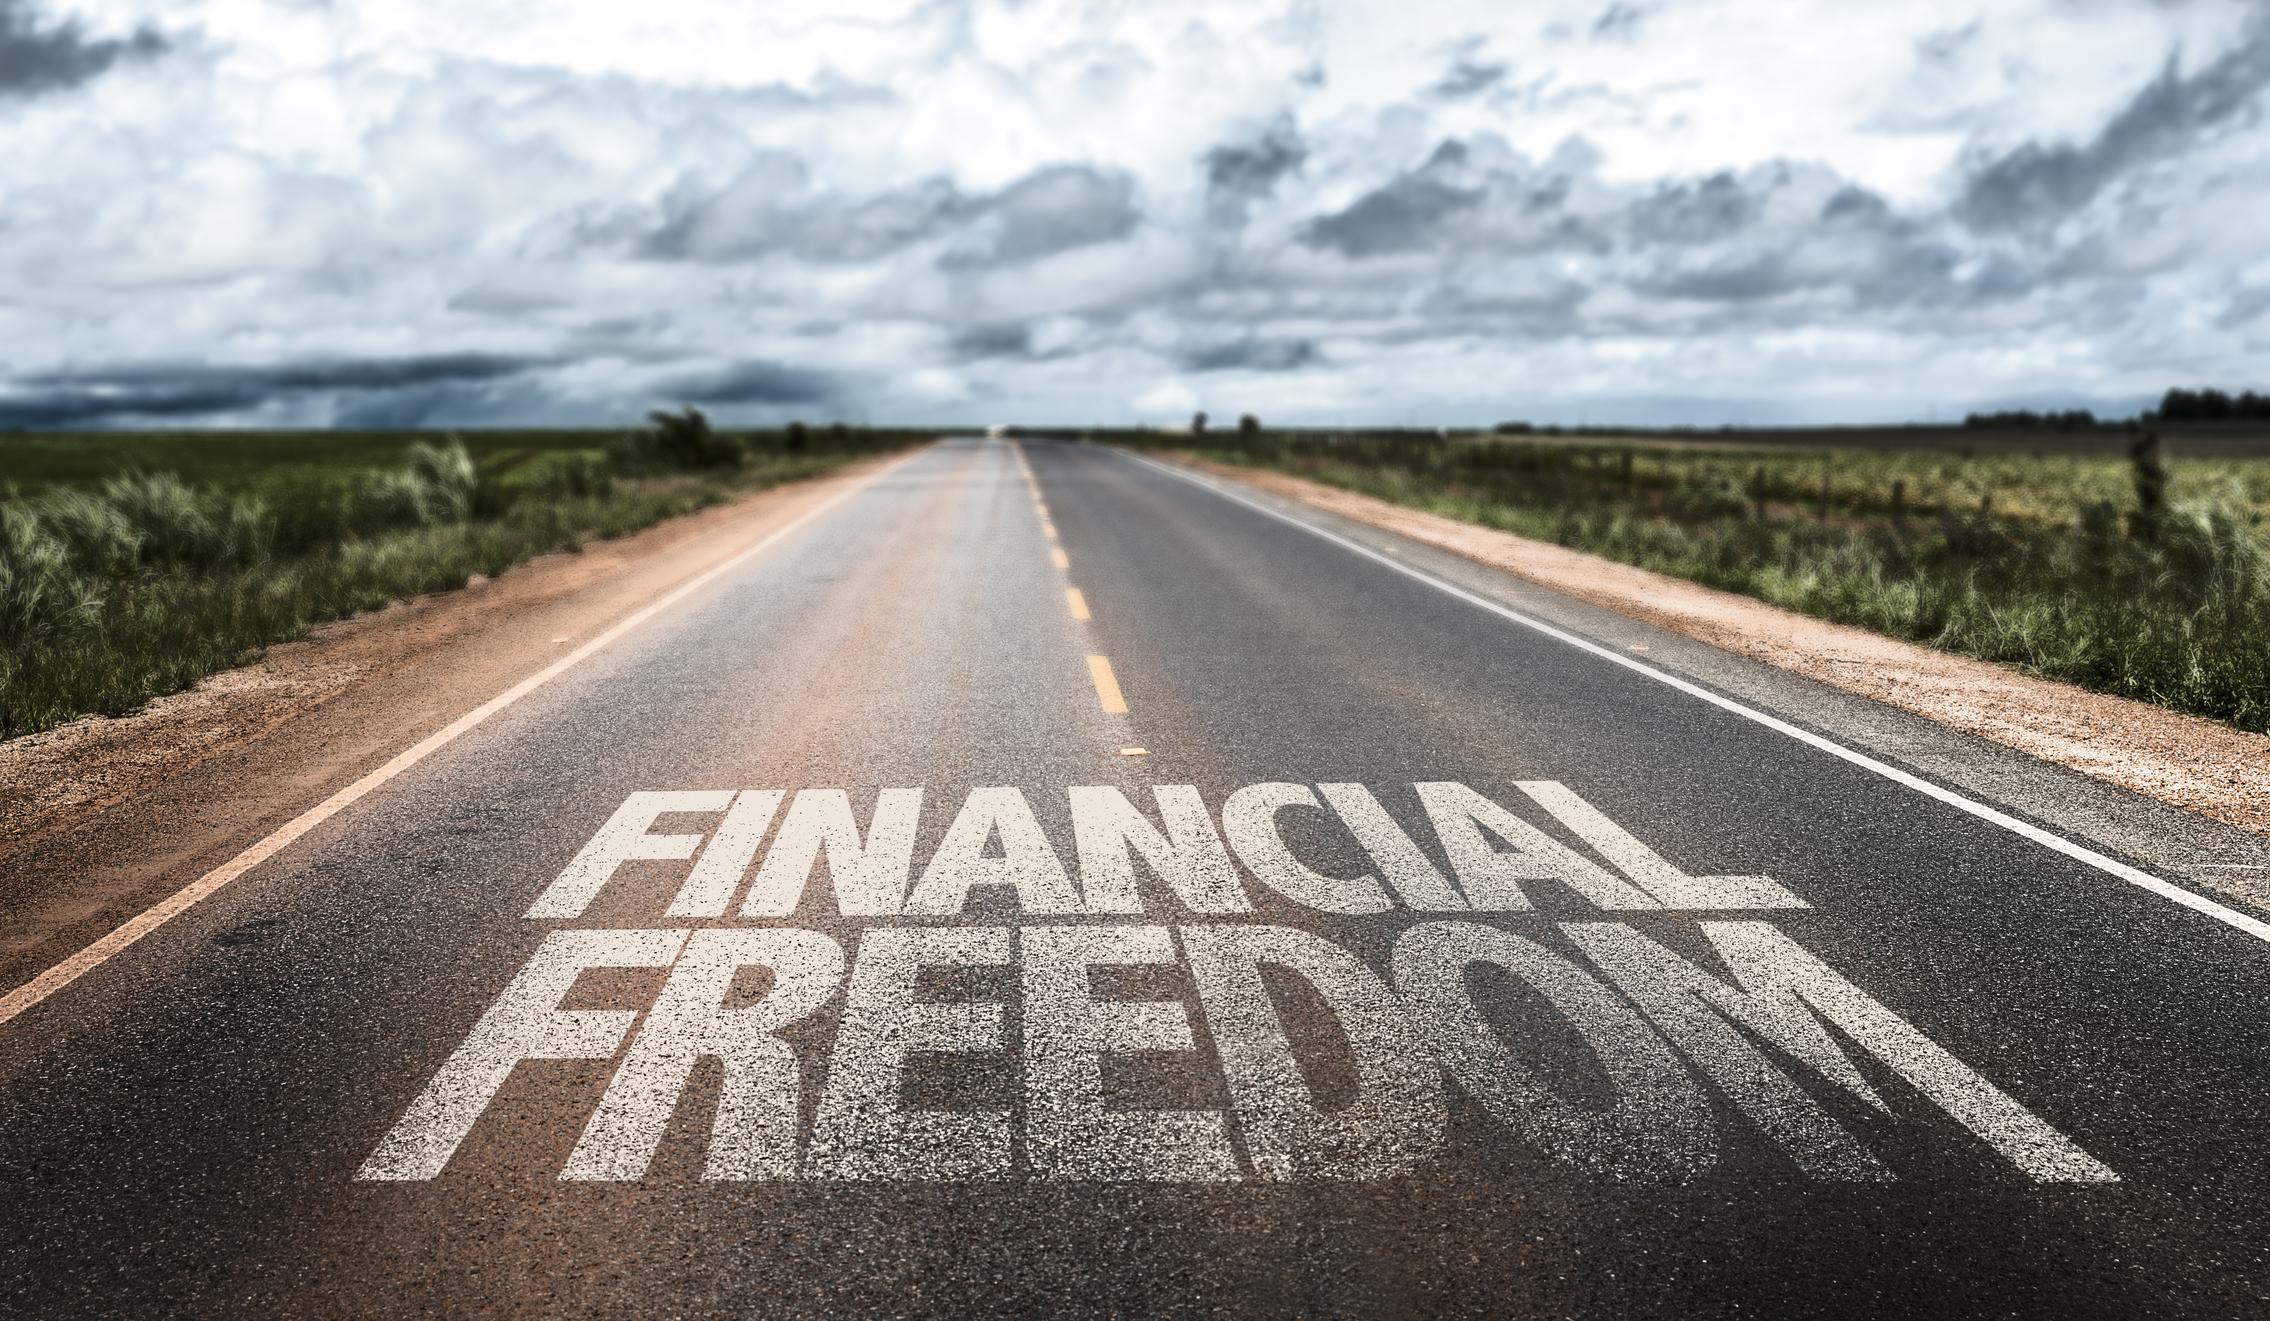 У Вінниці безкоштовно навчать економічній незалежності: оголошено набір на проект для людей, які постраждали від конфлікту